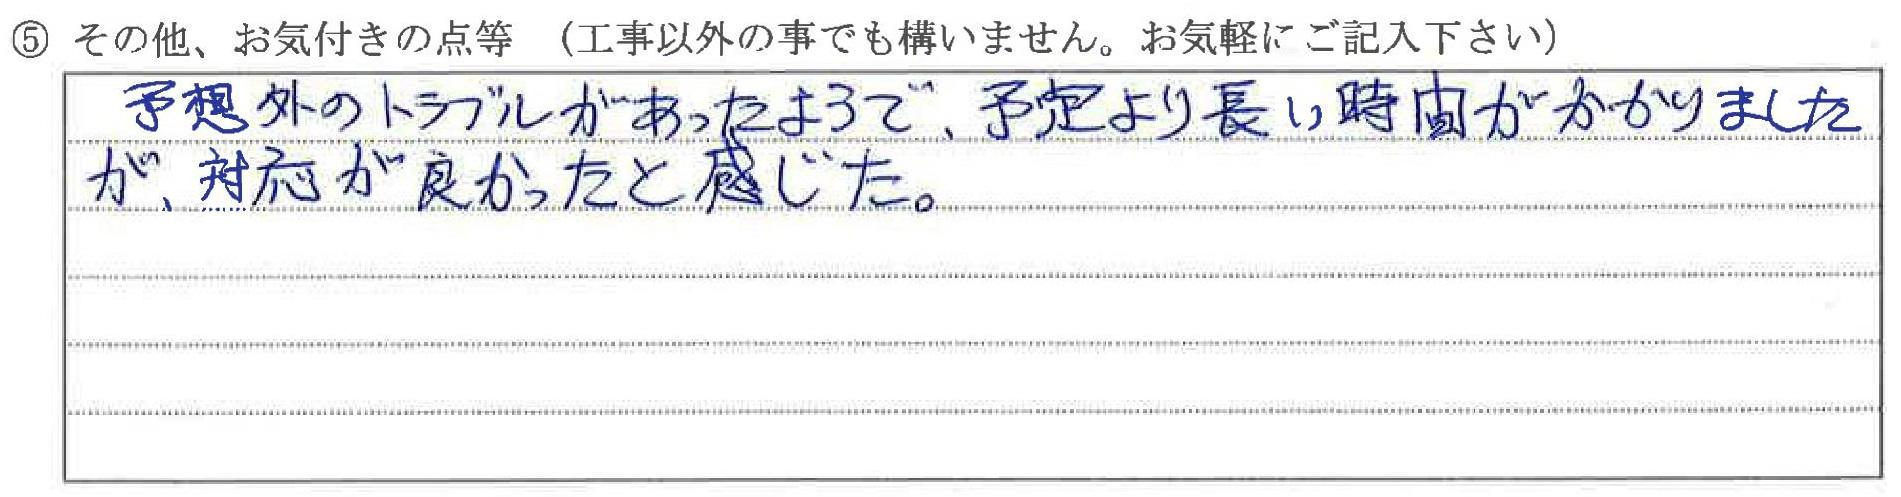 富山県魚津市M様に頂いたホスクリーン取付についてのお気づきの点がありましたら、お聞かせ下さい。というご質問について「物干し取付」というお声についての画像